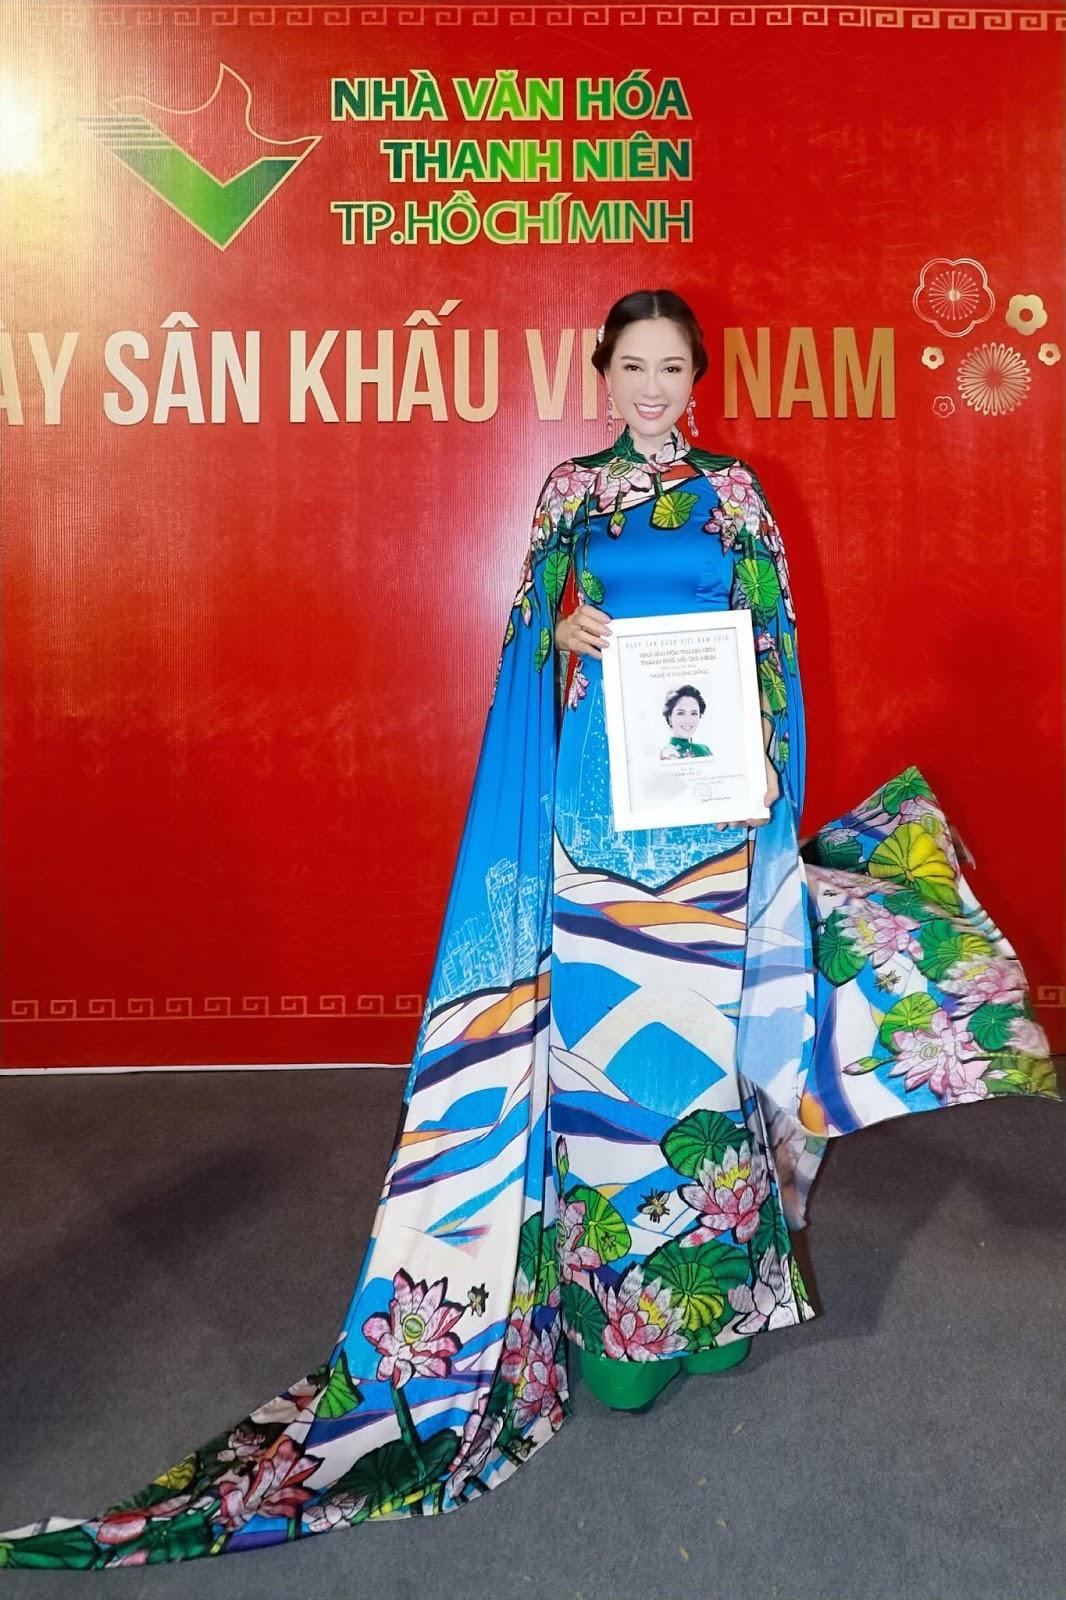 Hoa hậu Đàm Lưu Ly cùng dàn nghệ sỹ hướng về ngày giỗ Tổ sân khấu - Hình 5